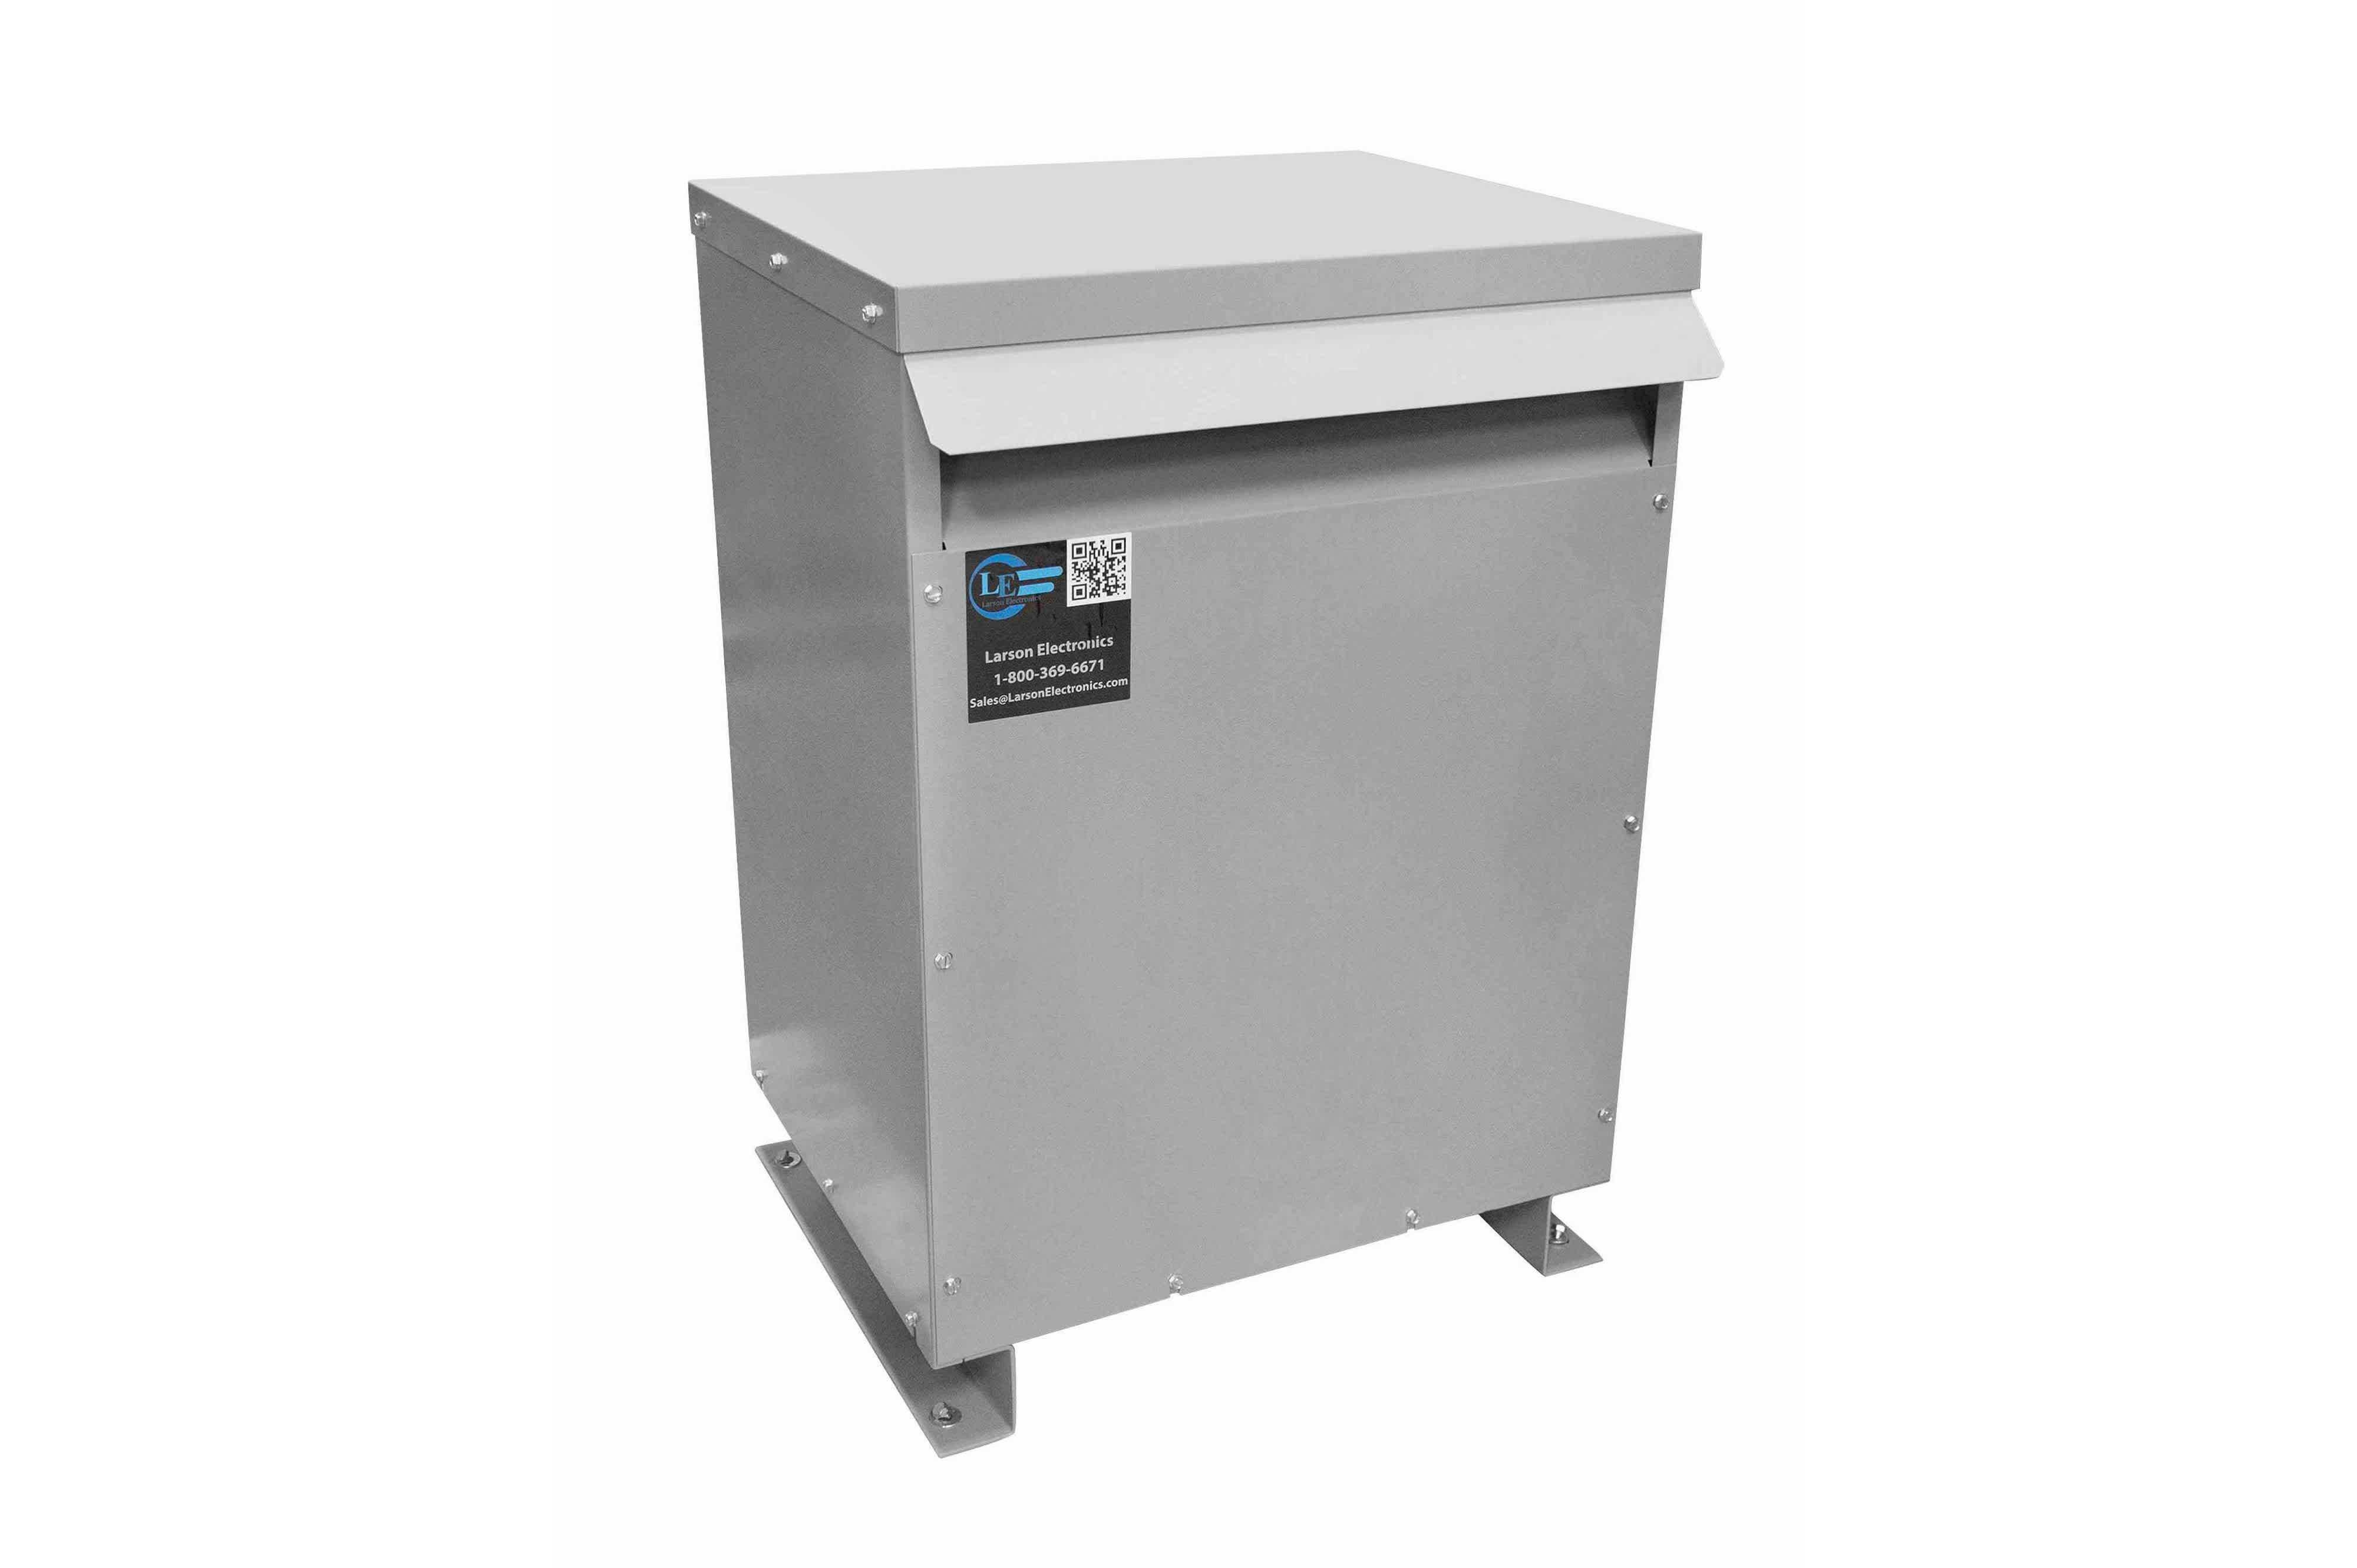 125 kVA 3PH Isolation Transformer, 600V Delta Primary, 380V Delta Secondary, N3R, Ventilated, 60 Hz